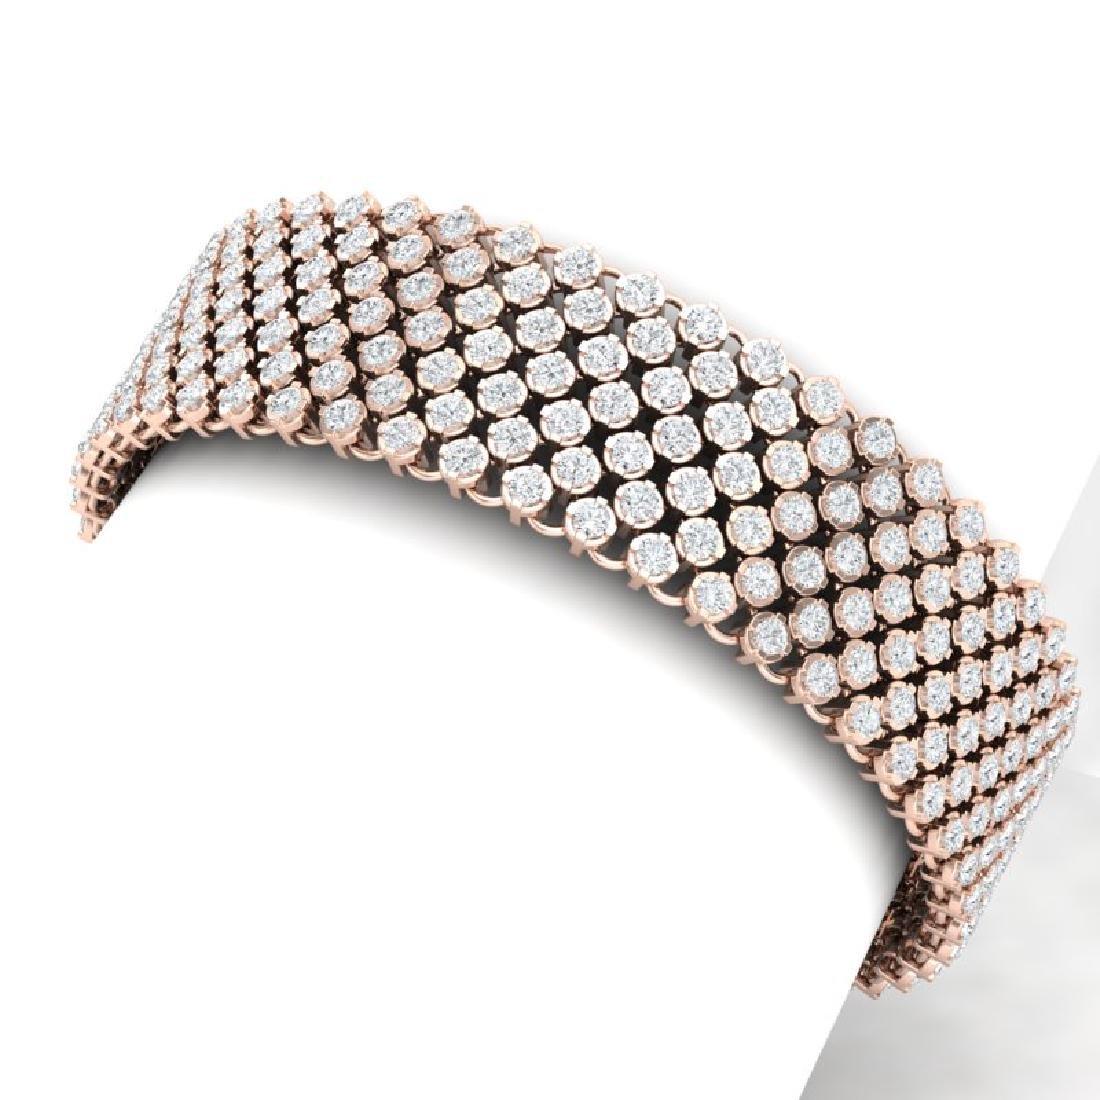 15 CTW Certified VS/SI Diamond Bracelet 15K 18K Rose